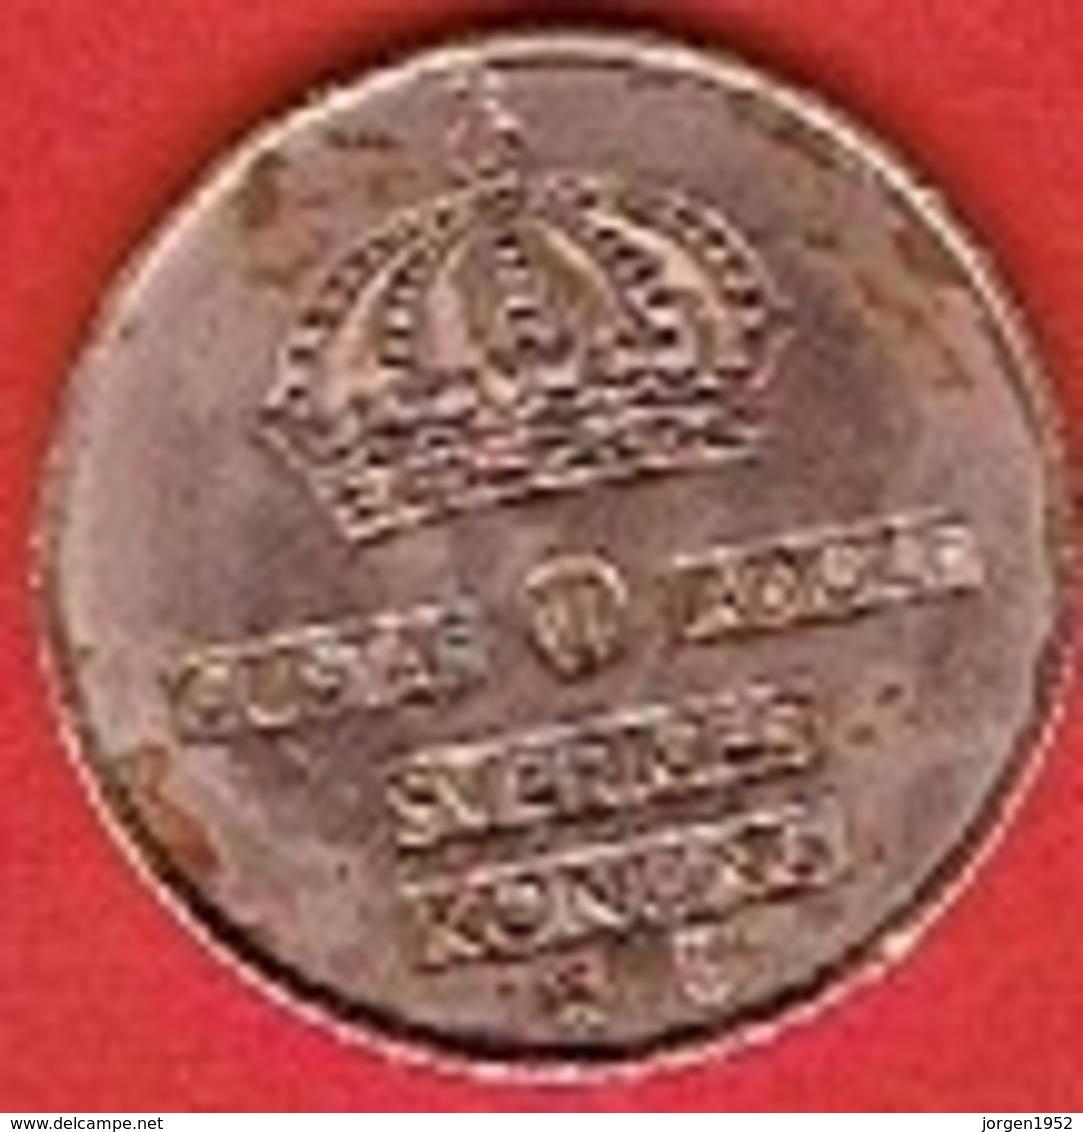 SWEDEN #  5 ØRE FROM 1967 - Suède